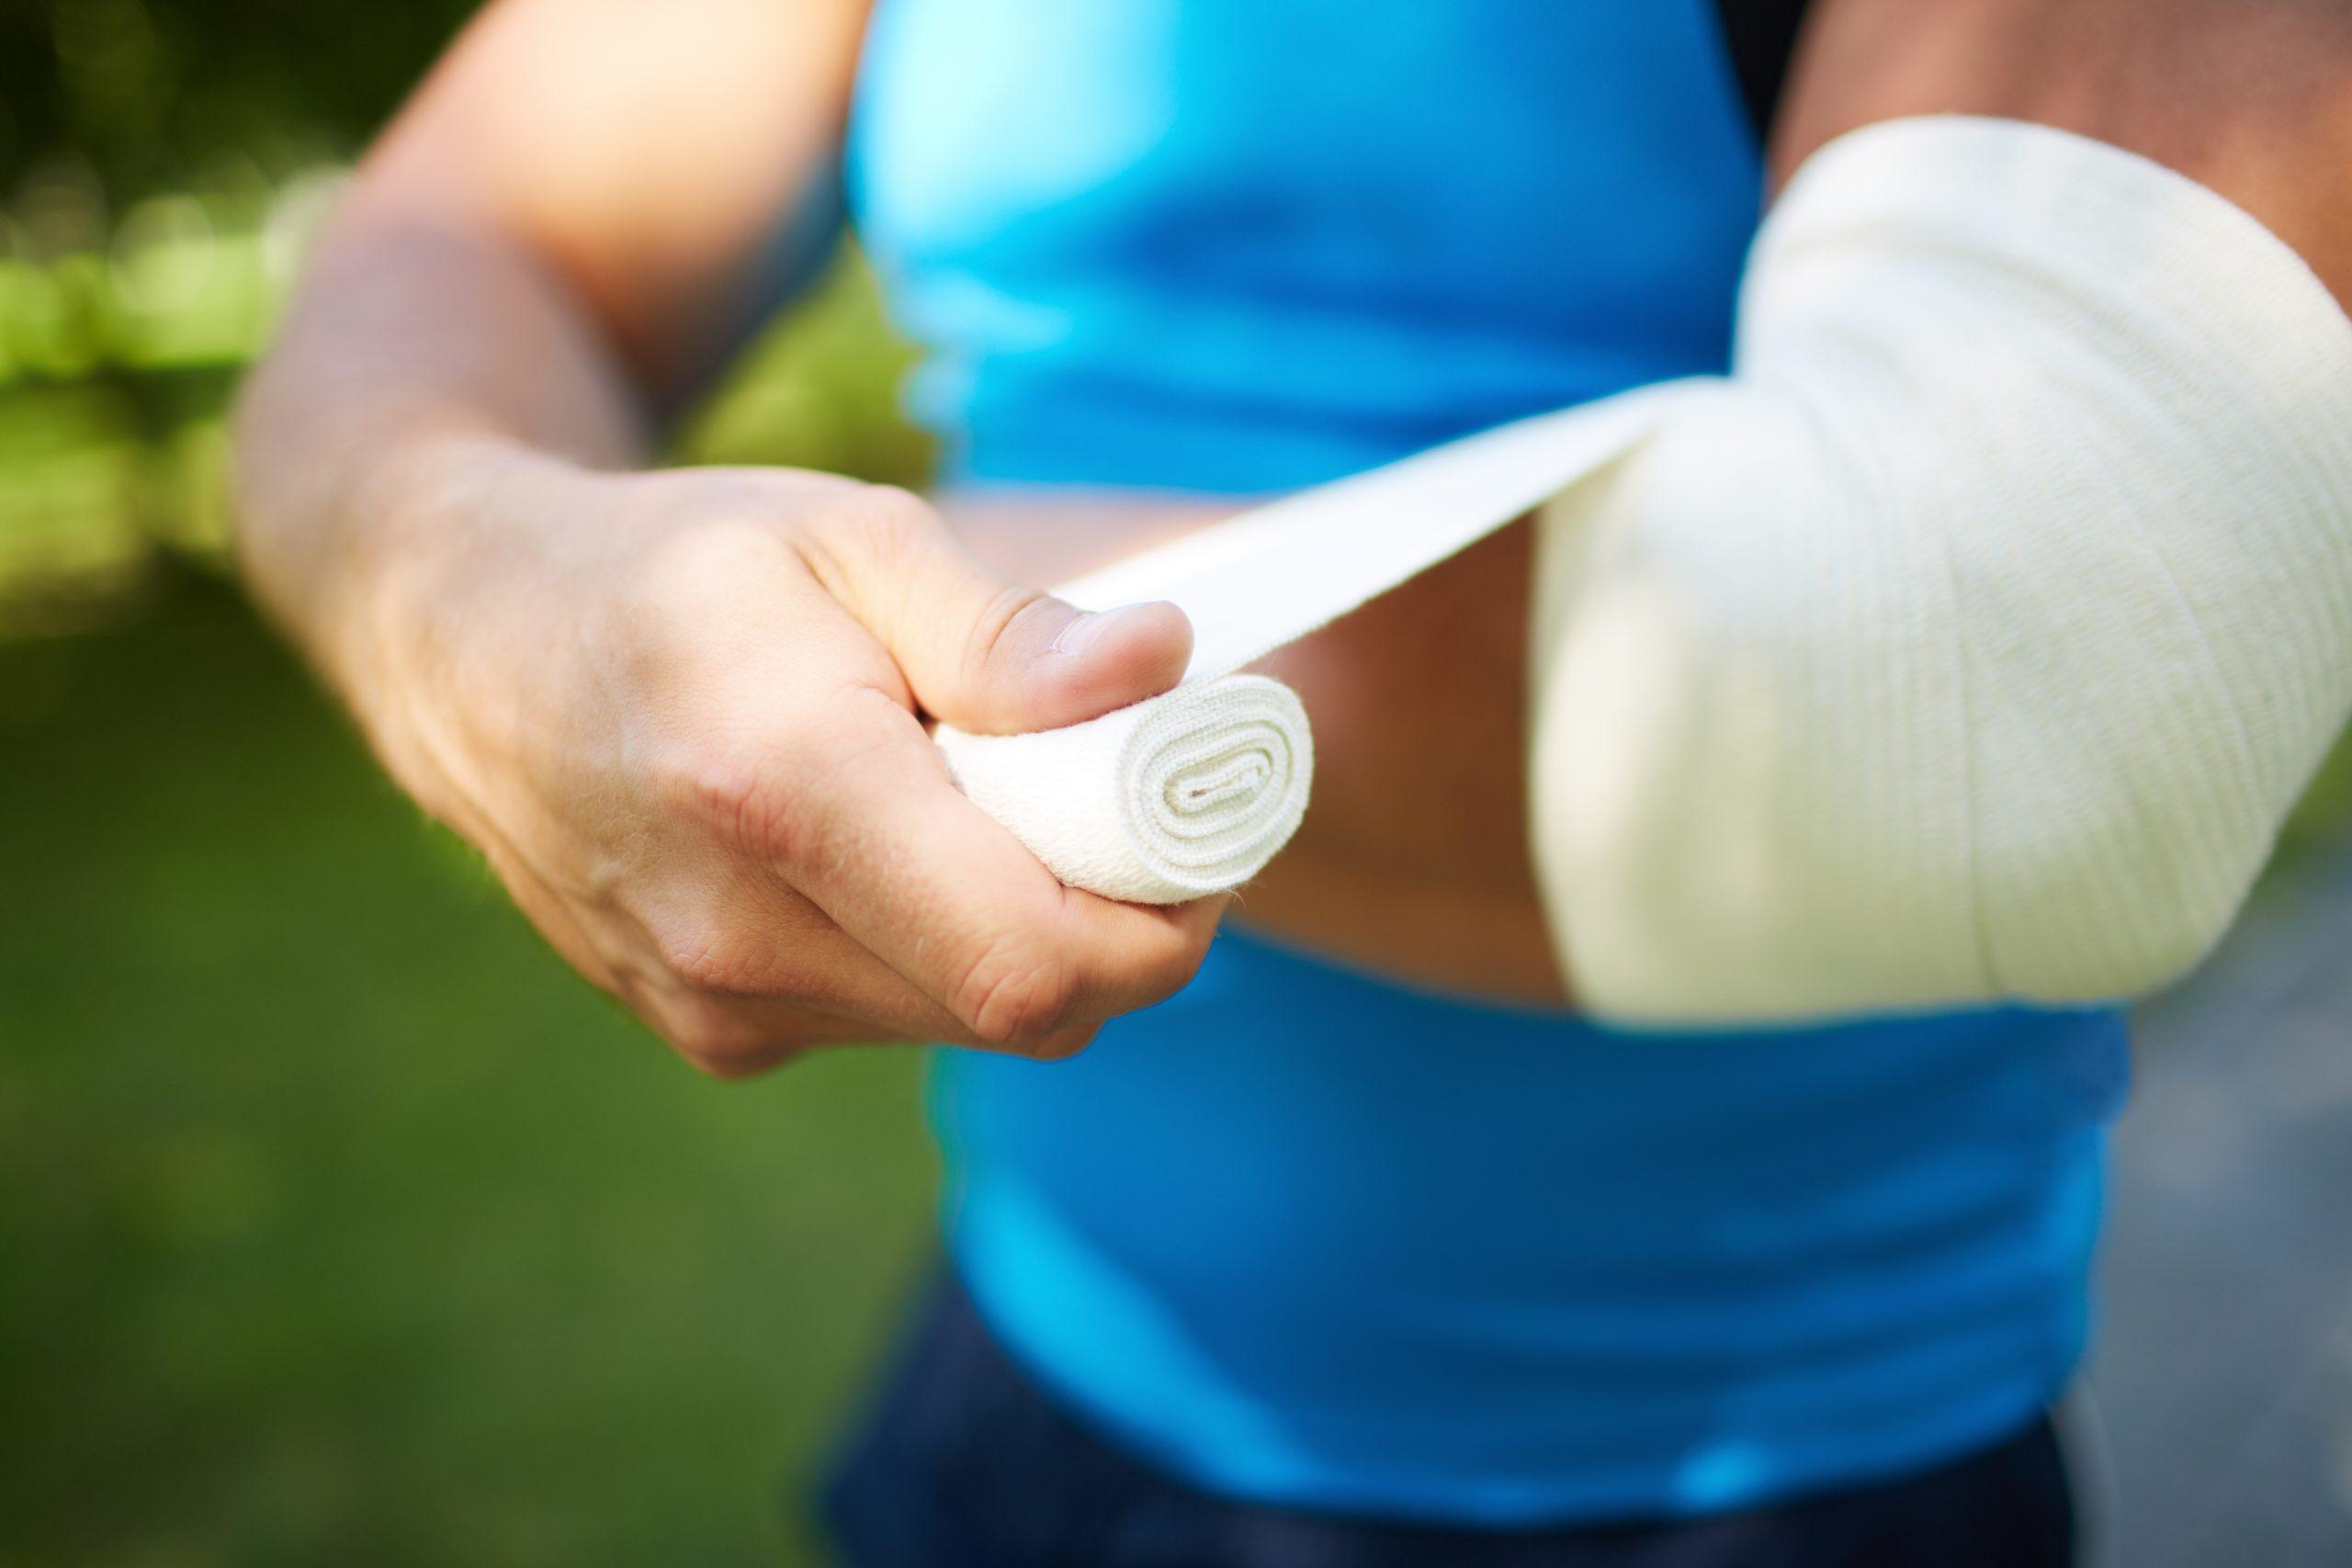 Elbow injury throwing athletes